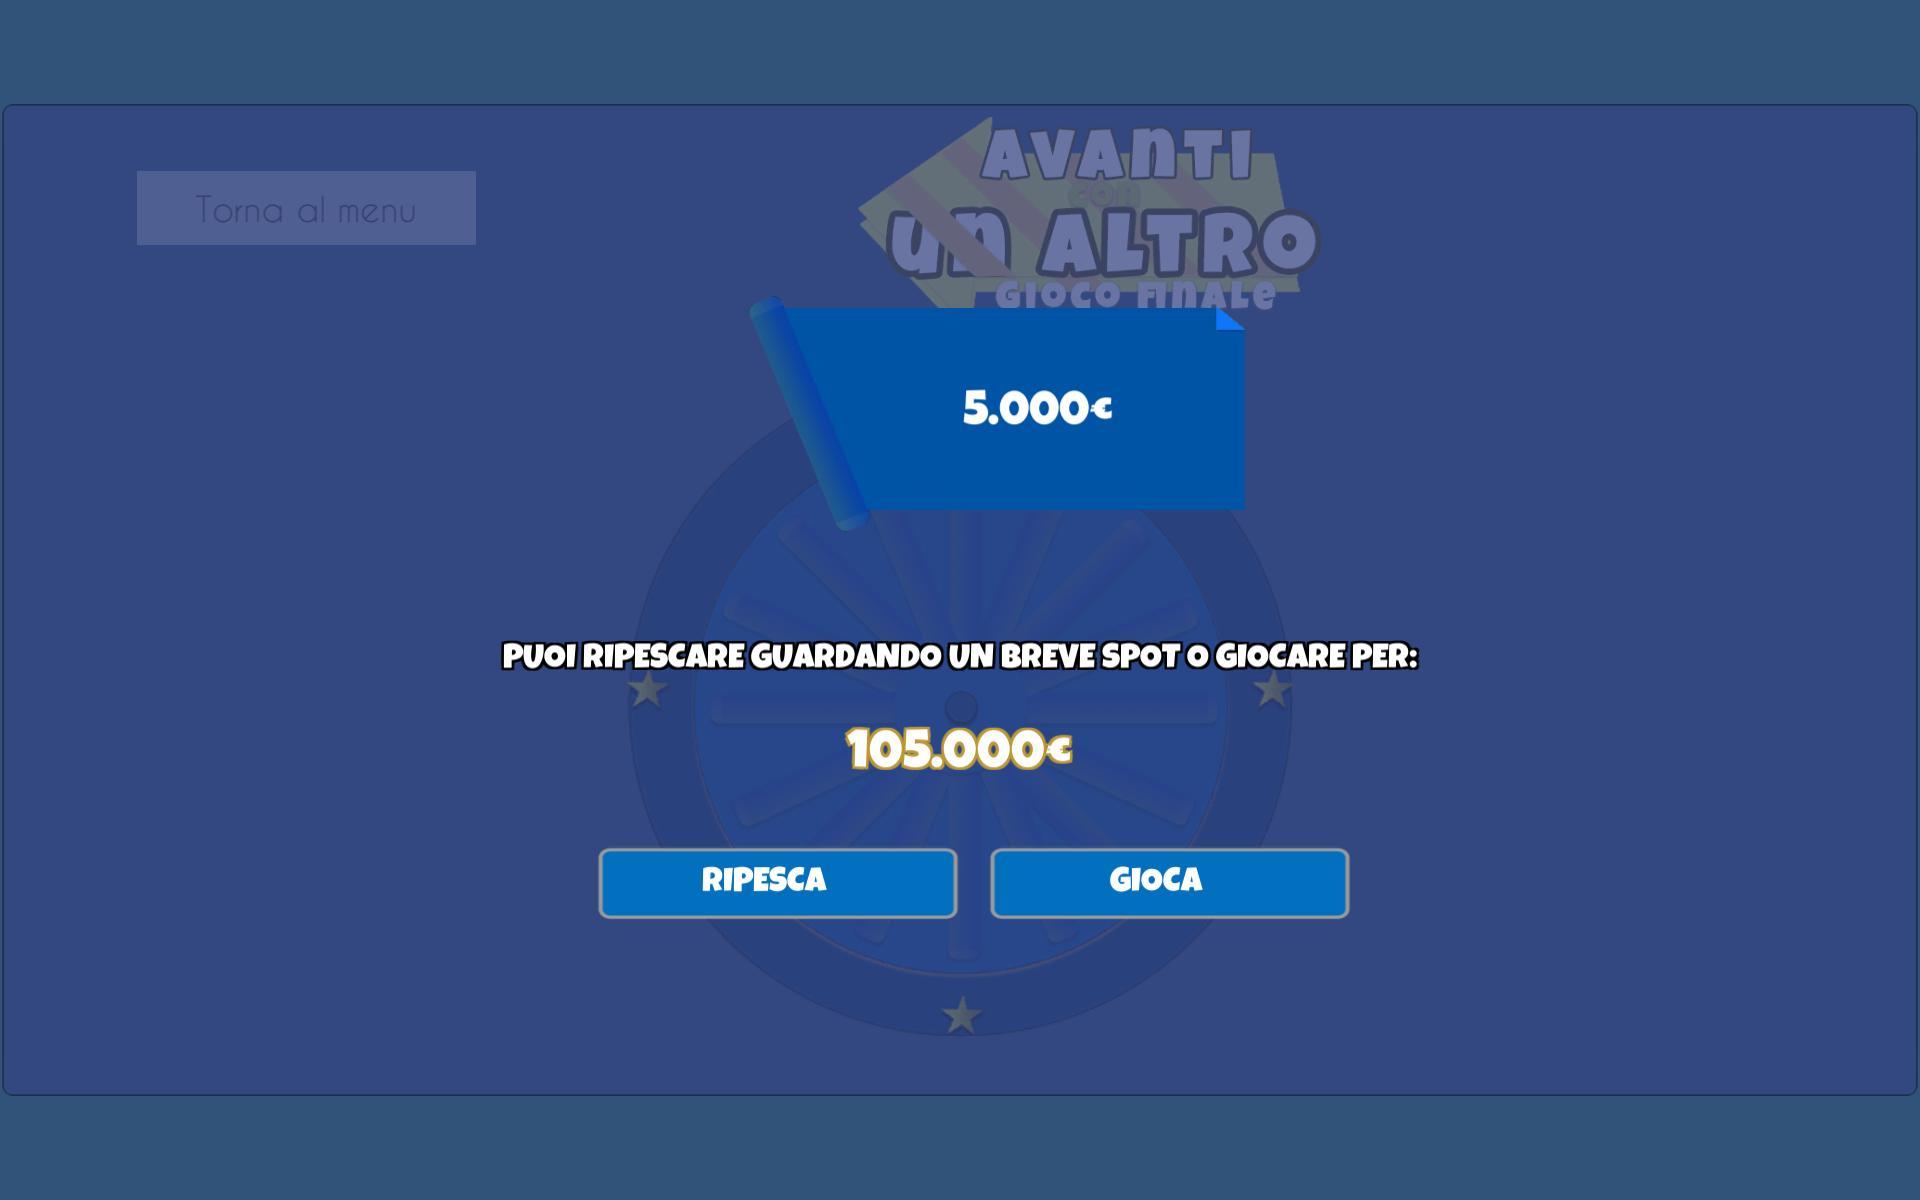 Avanti Con Un Altro - quiz 2020 5 تصوير الشاشة